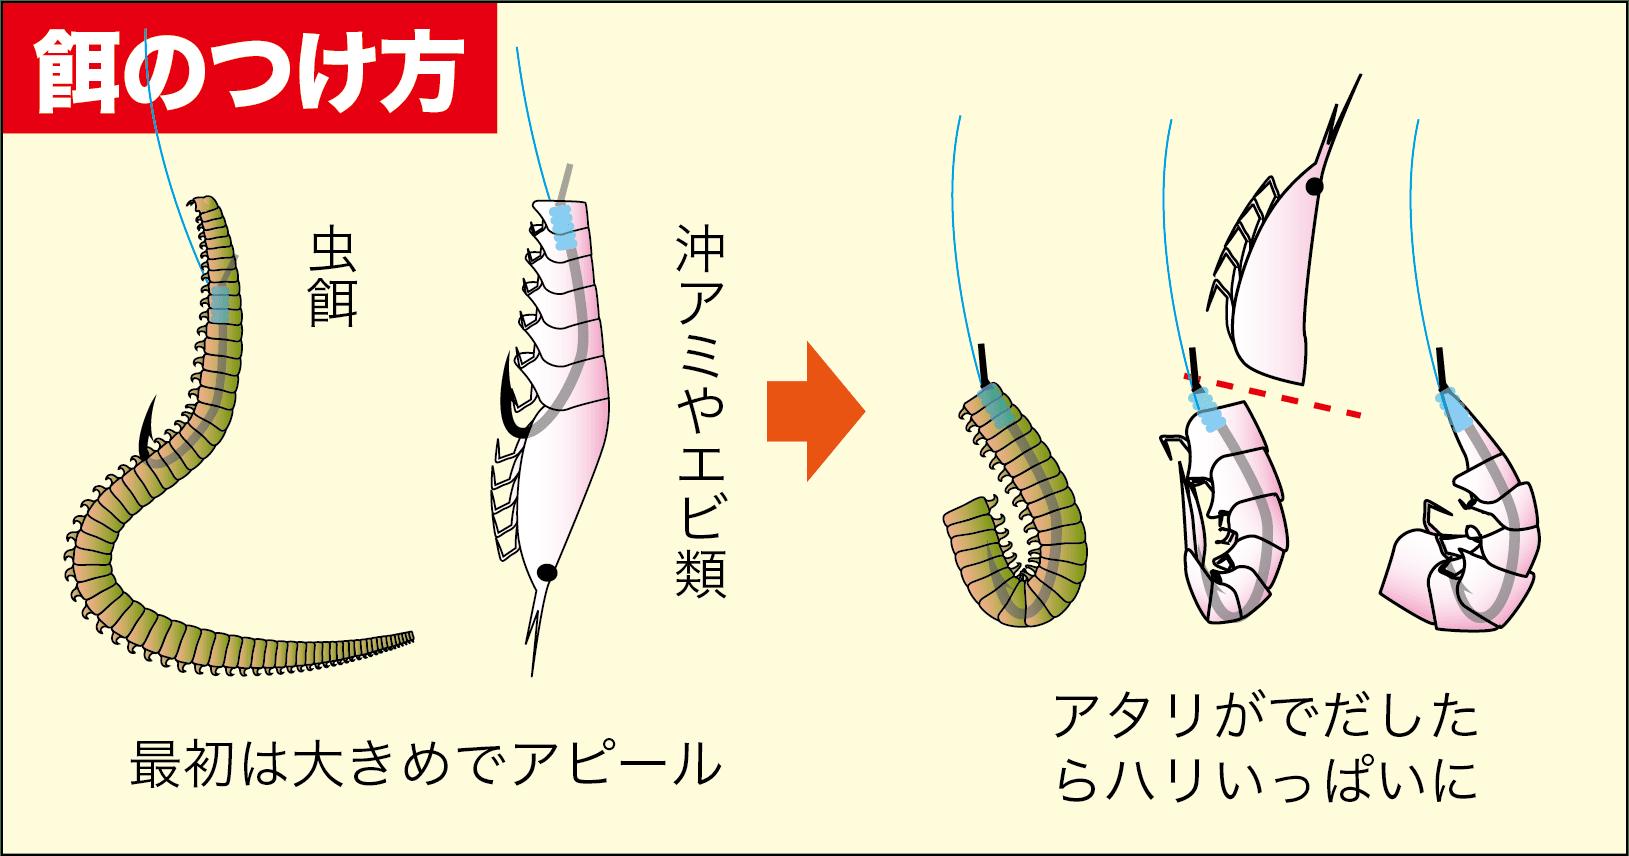 イシダイ(サンバソウ)の釣り方2